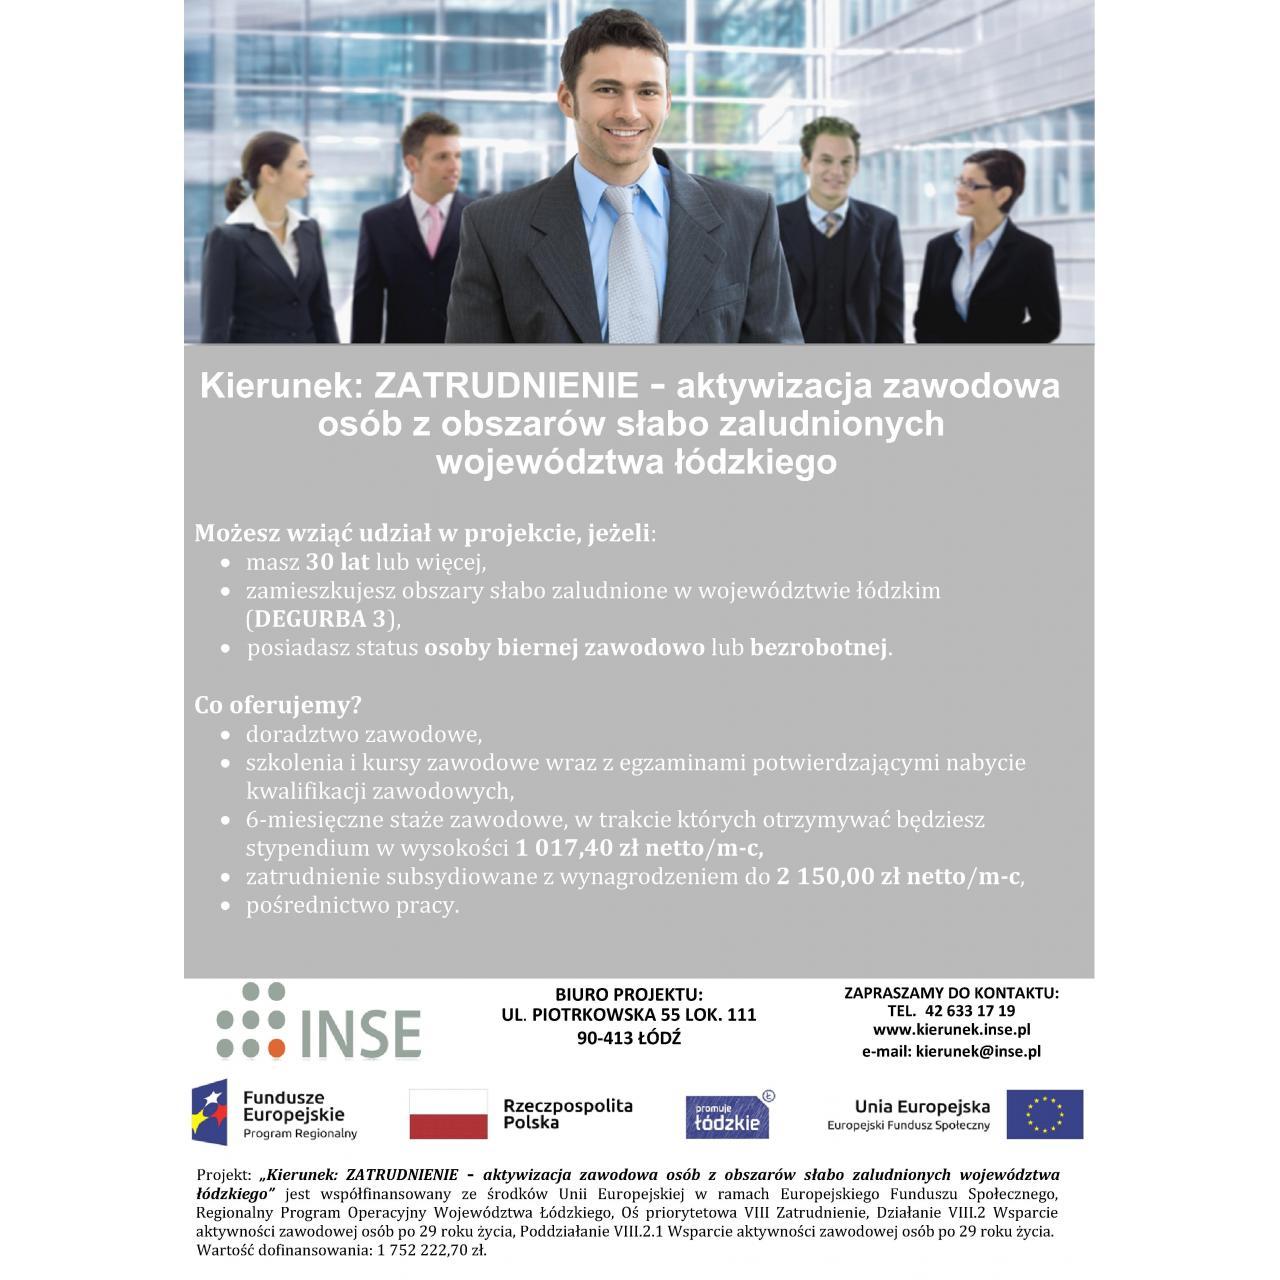 Kierunek Zatrudnienie - aktywizacja zawodowa ( projekt EFS)